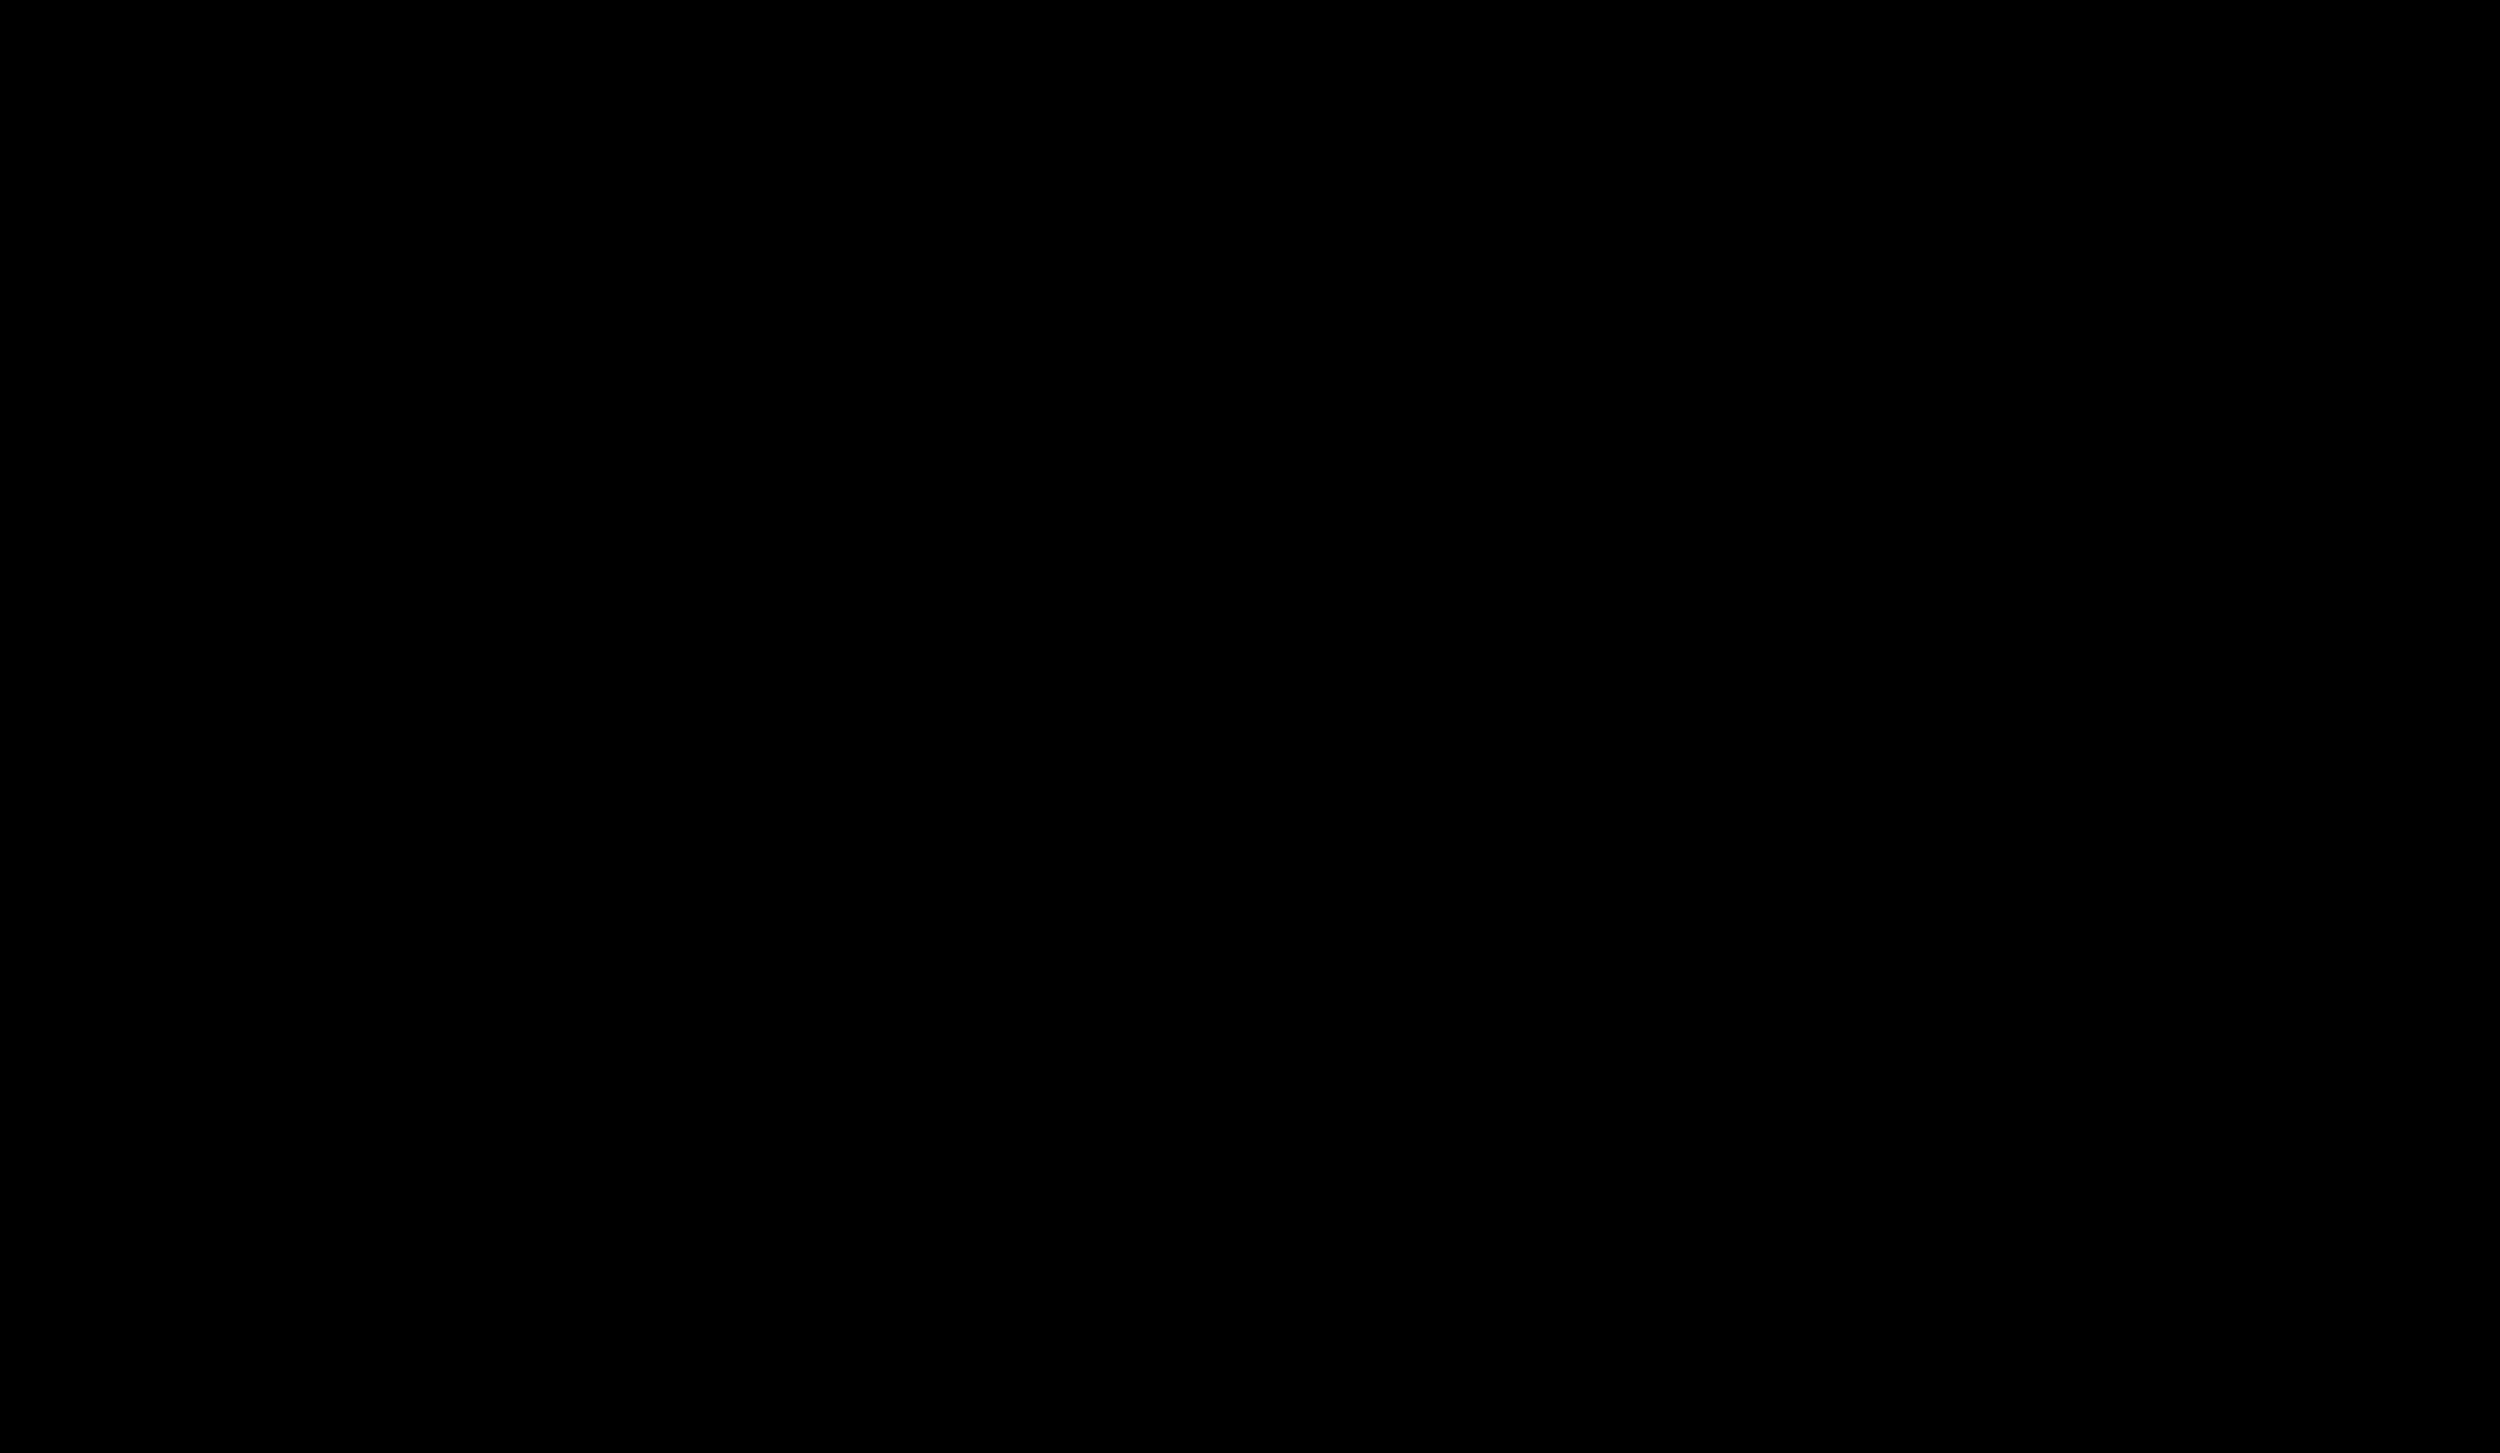 nfmla_seal_transparent_black.png